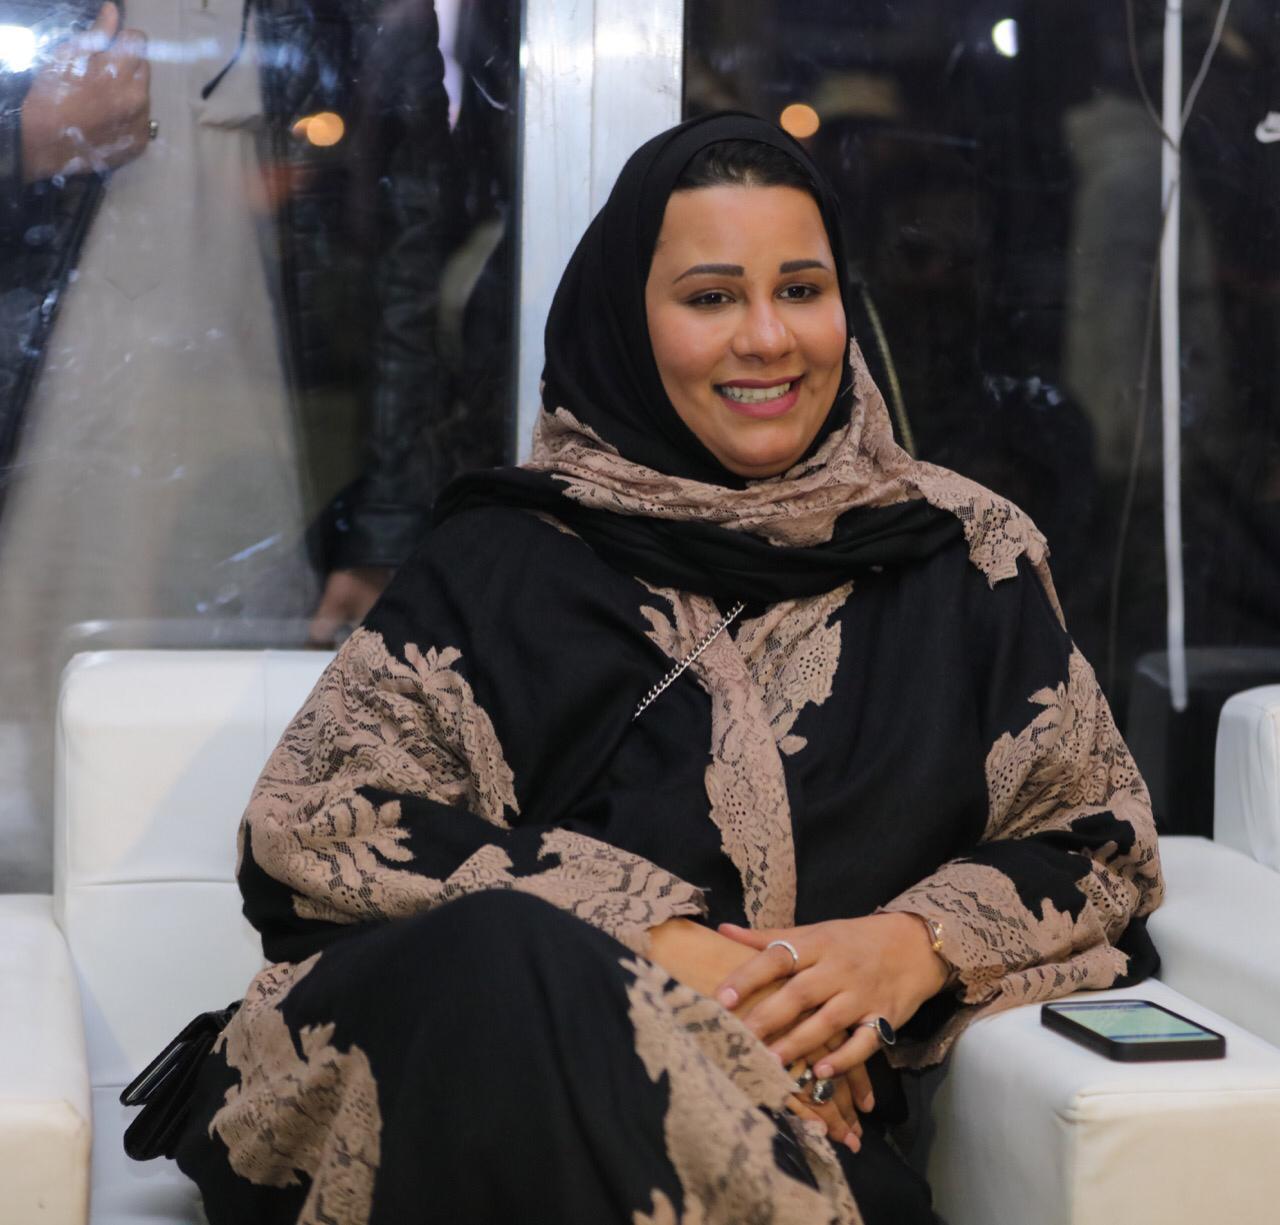 الأميرة أضواء ال سعود :رؤية٢٠٣٠ وضعت في قمة أولوياتها العناية بكبار السن من أجل توفير حياة كريمة لهم